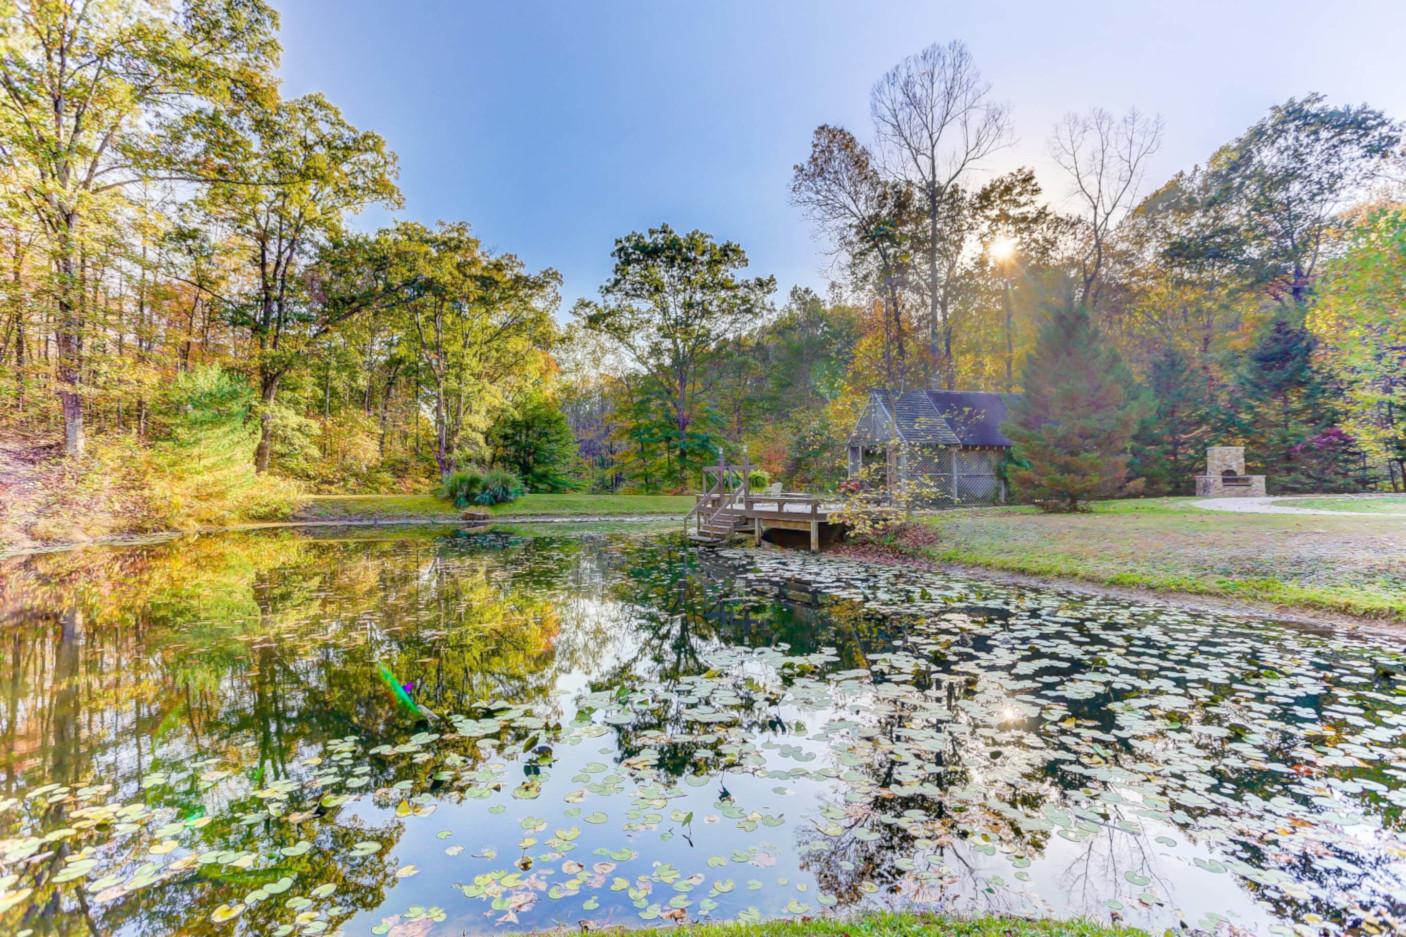 Pond and Gazebo